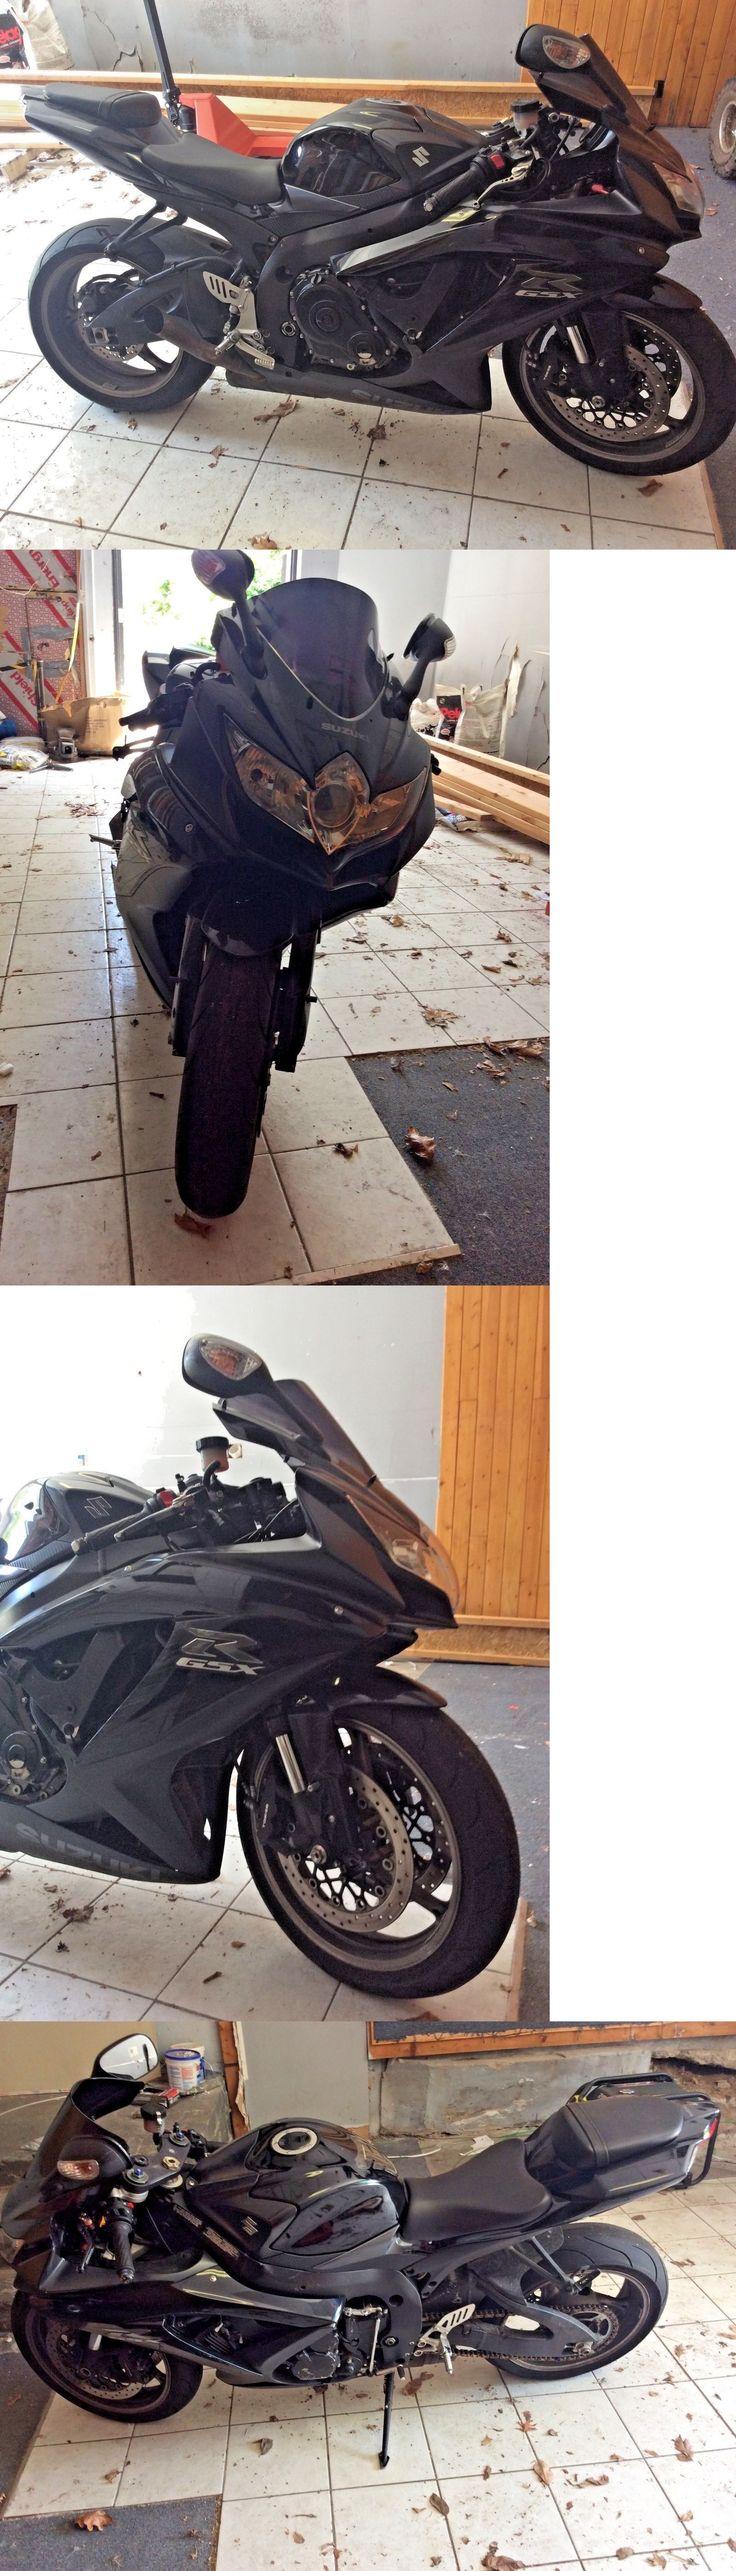 Motorcycles: 2006 Suzuki Gsx-R 2006 Suzuki Gsx-R 600 -> BUY IT NOW ONLY: $4675 on eBay!